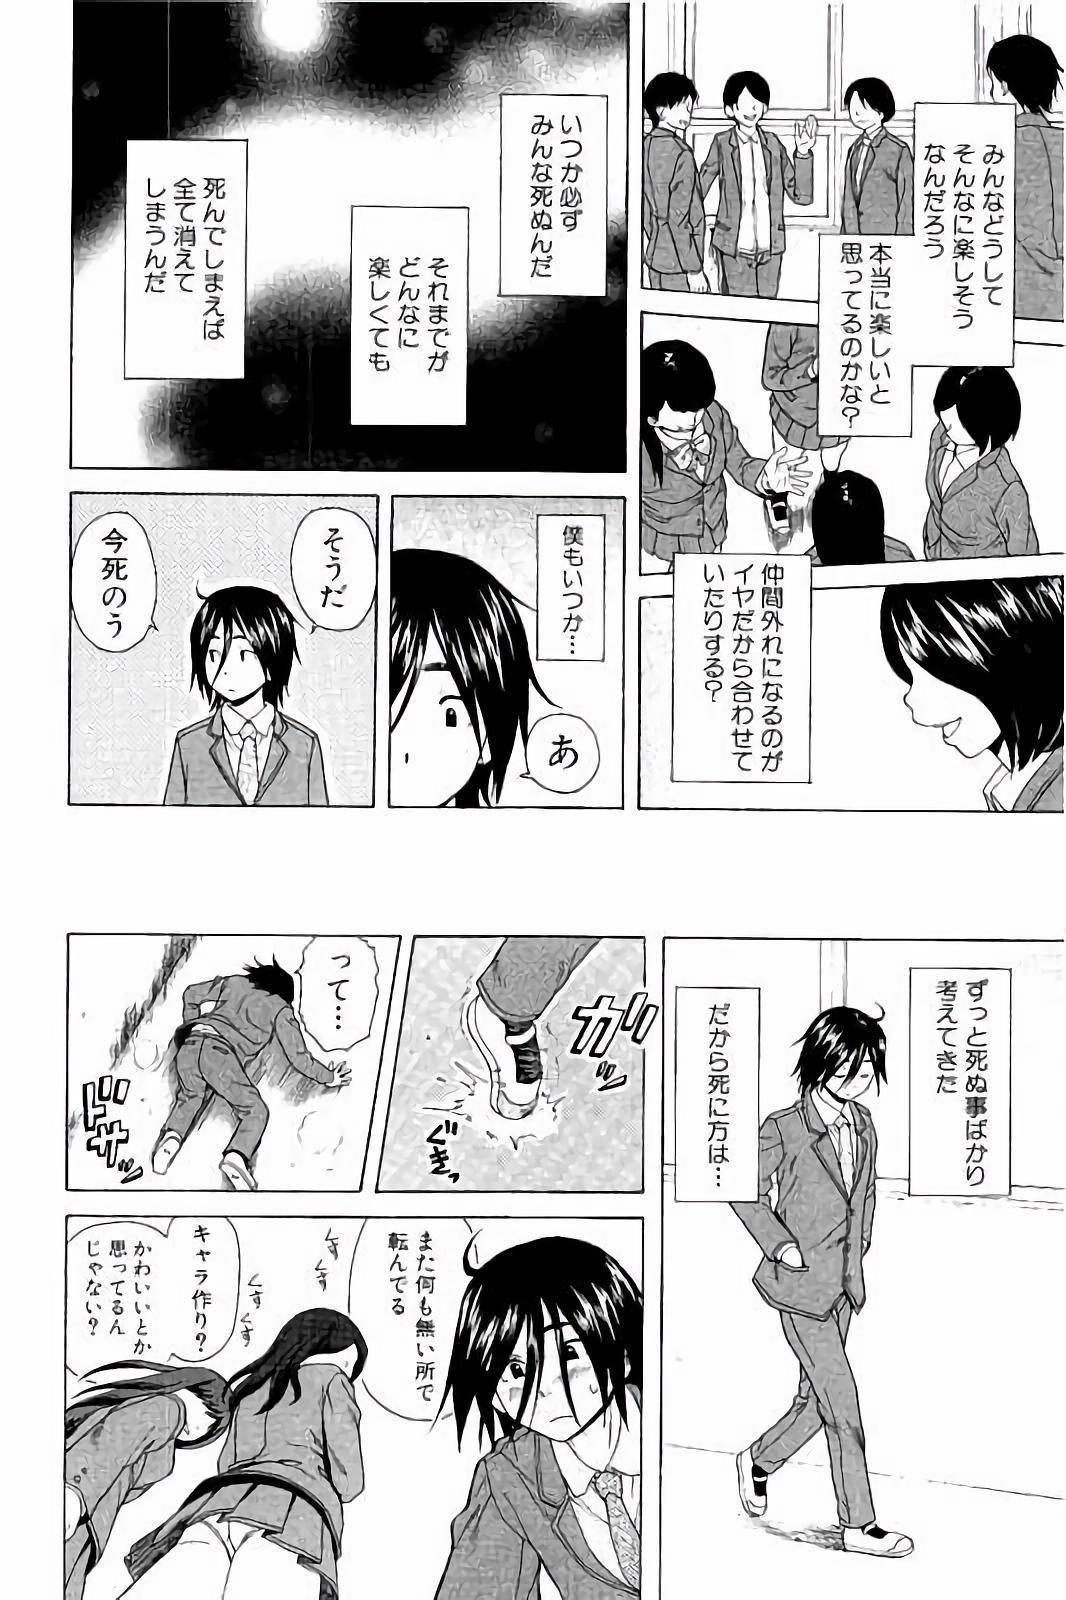 Ane no Himitsu To Boku no Jisatsu 7